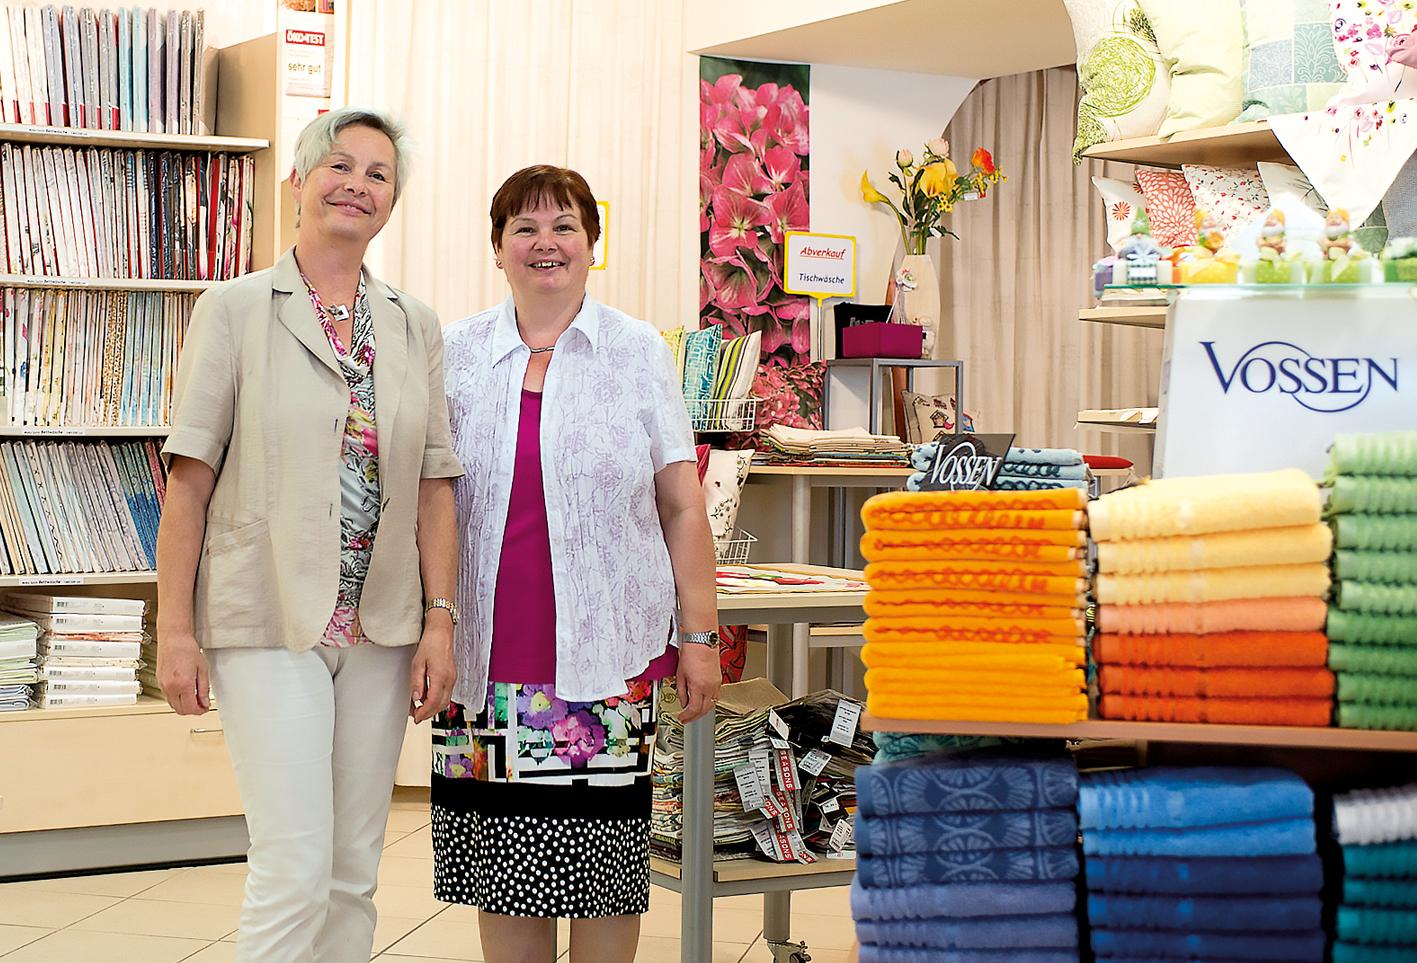 Bei Veronika Bickel und Rosmarie Bertsch findet man sogar noch das gute alte Stofftaschentuch.